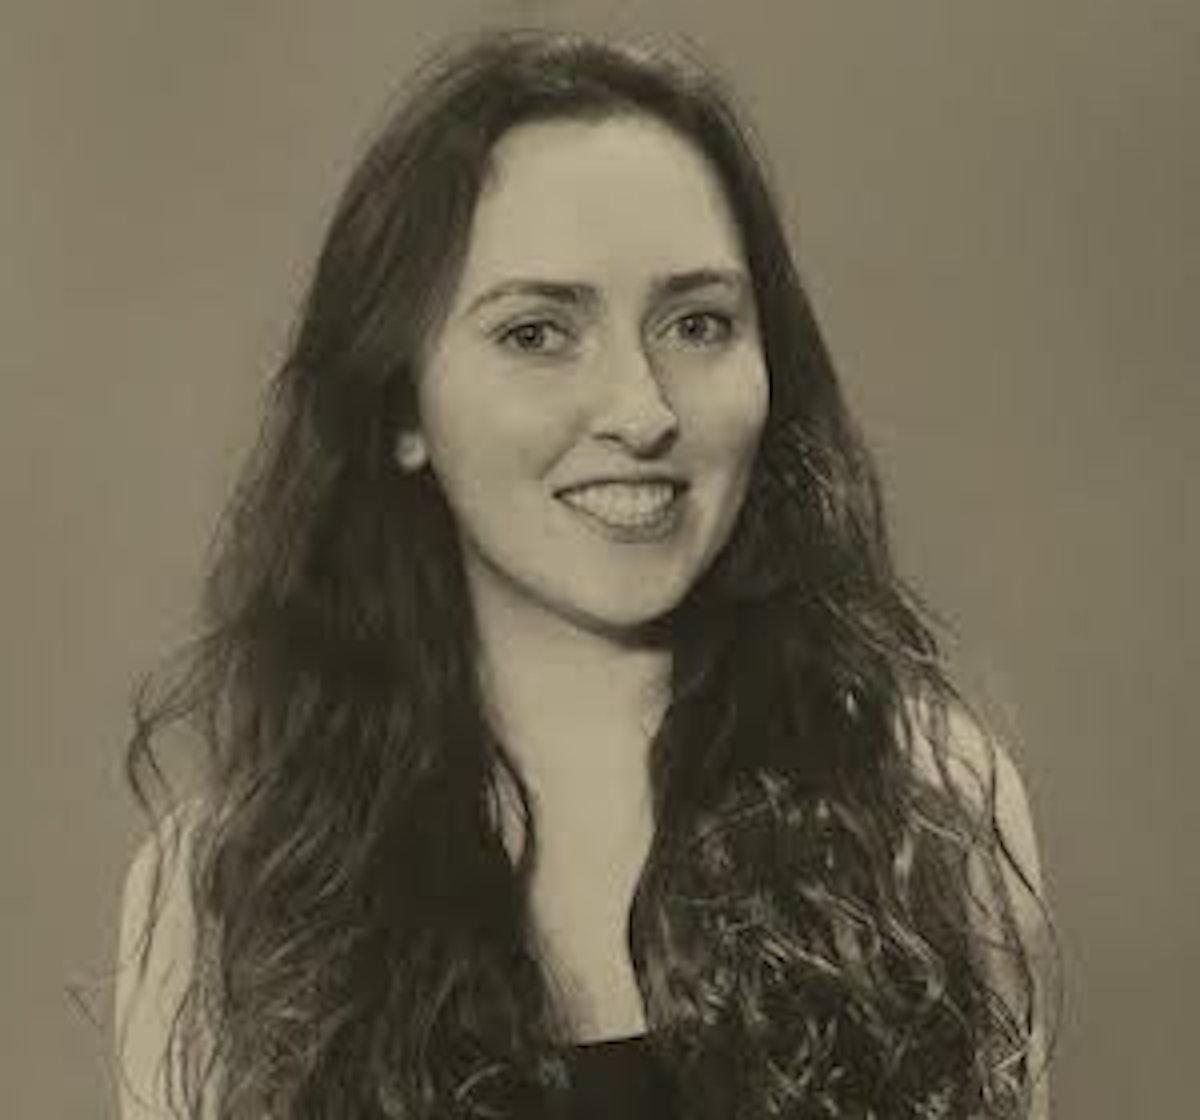 Aisling McEntegart